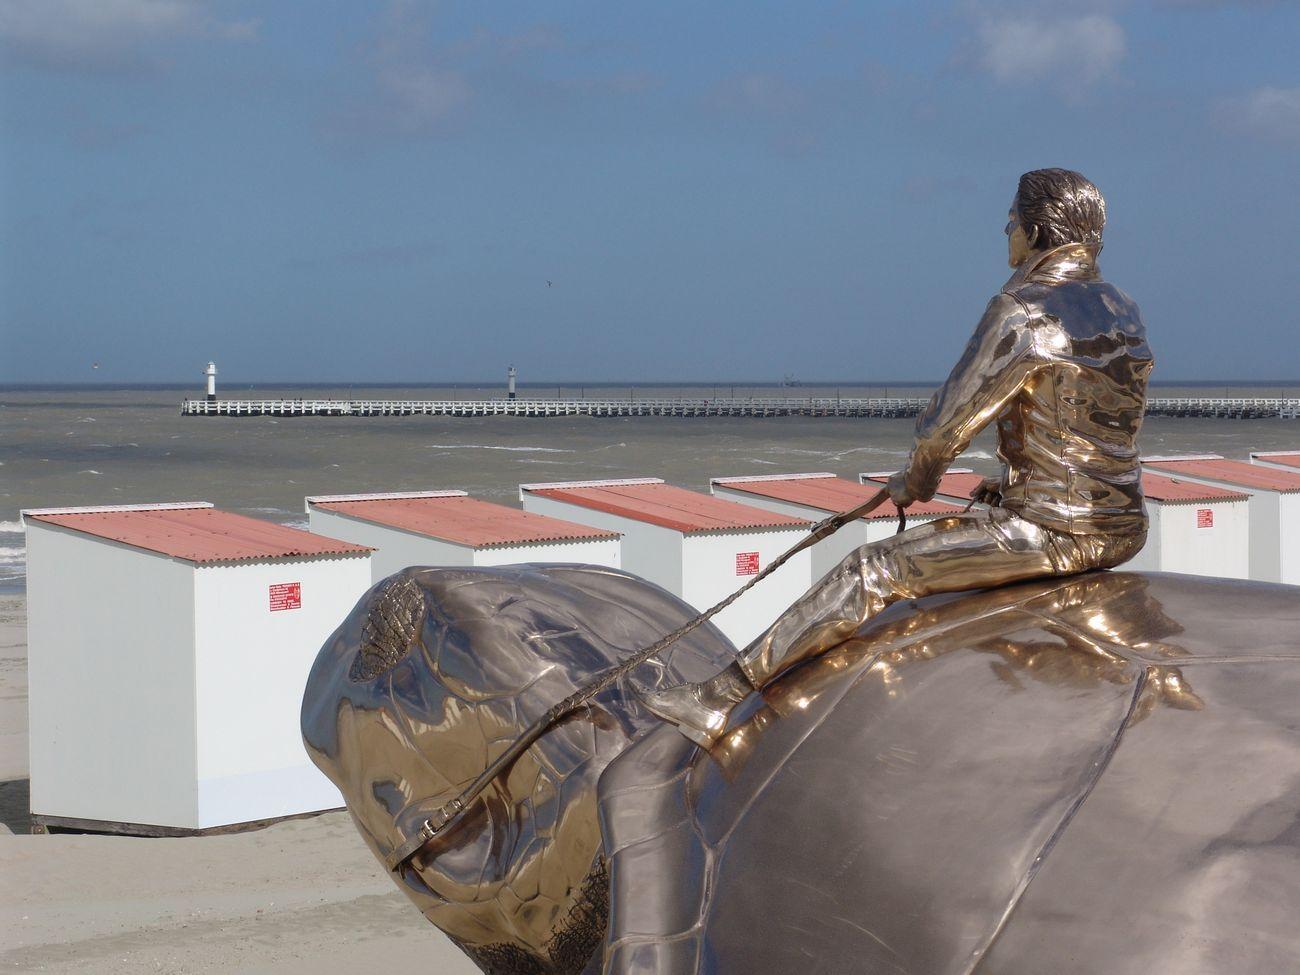 Jan Fabre, Op zoek naar Utopia, Nieuwpoort 2003